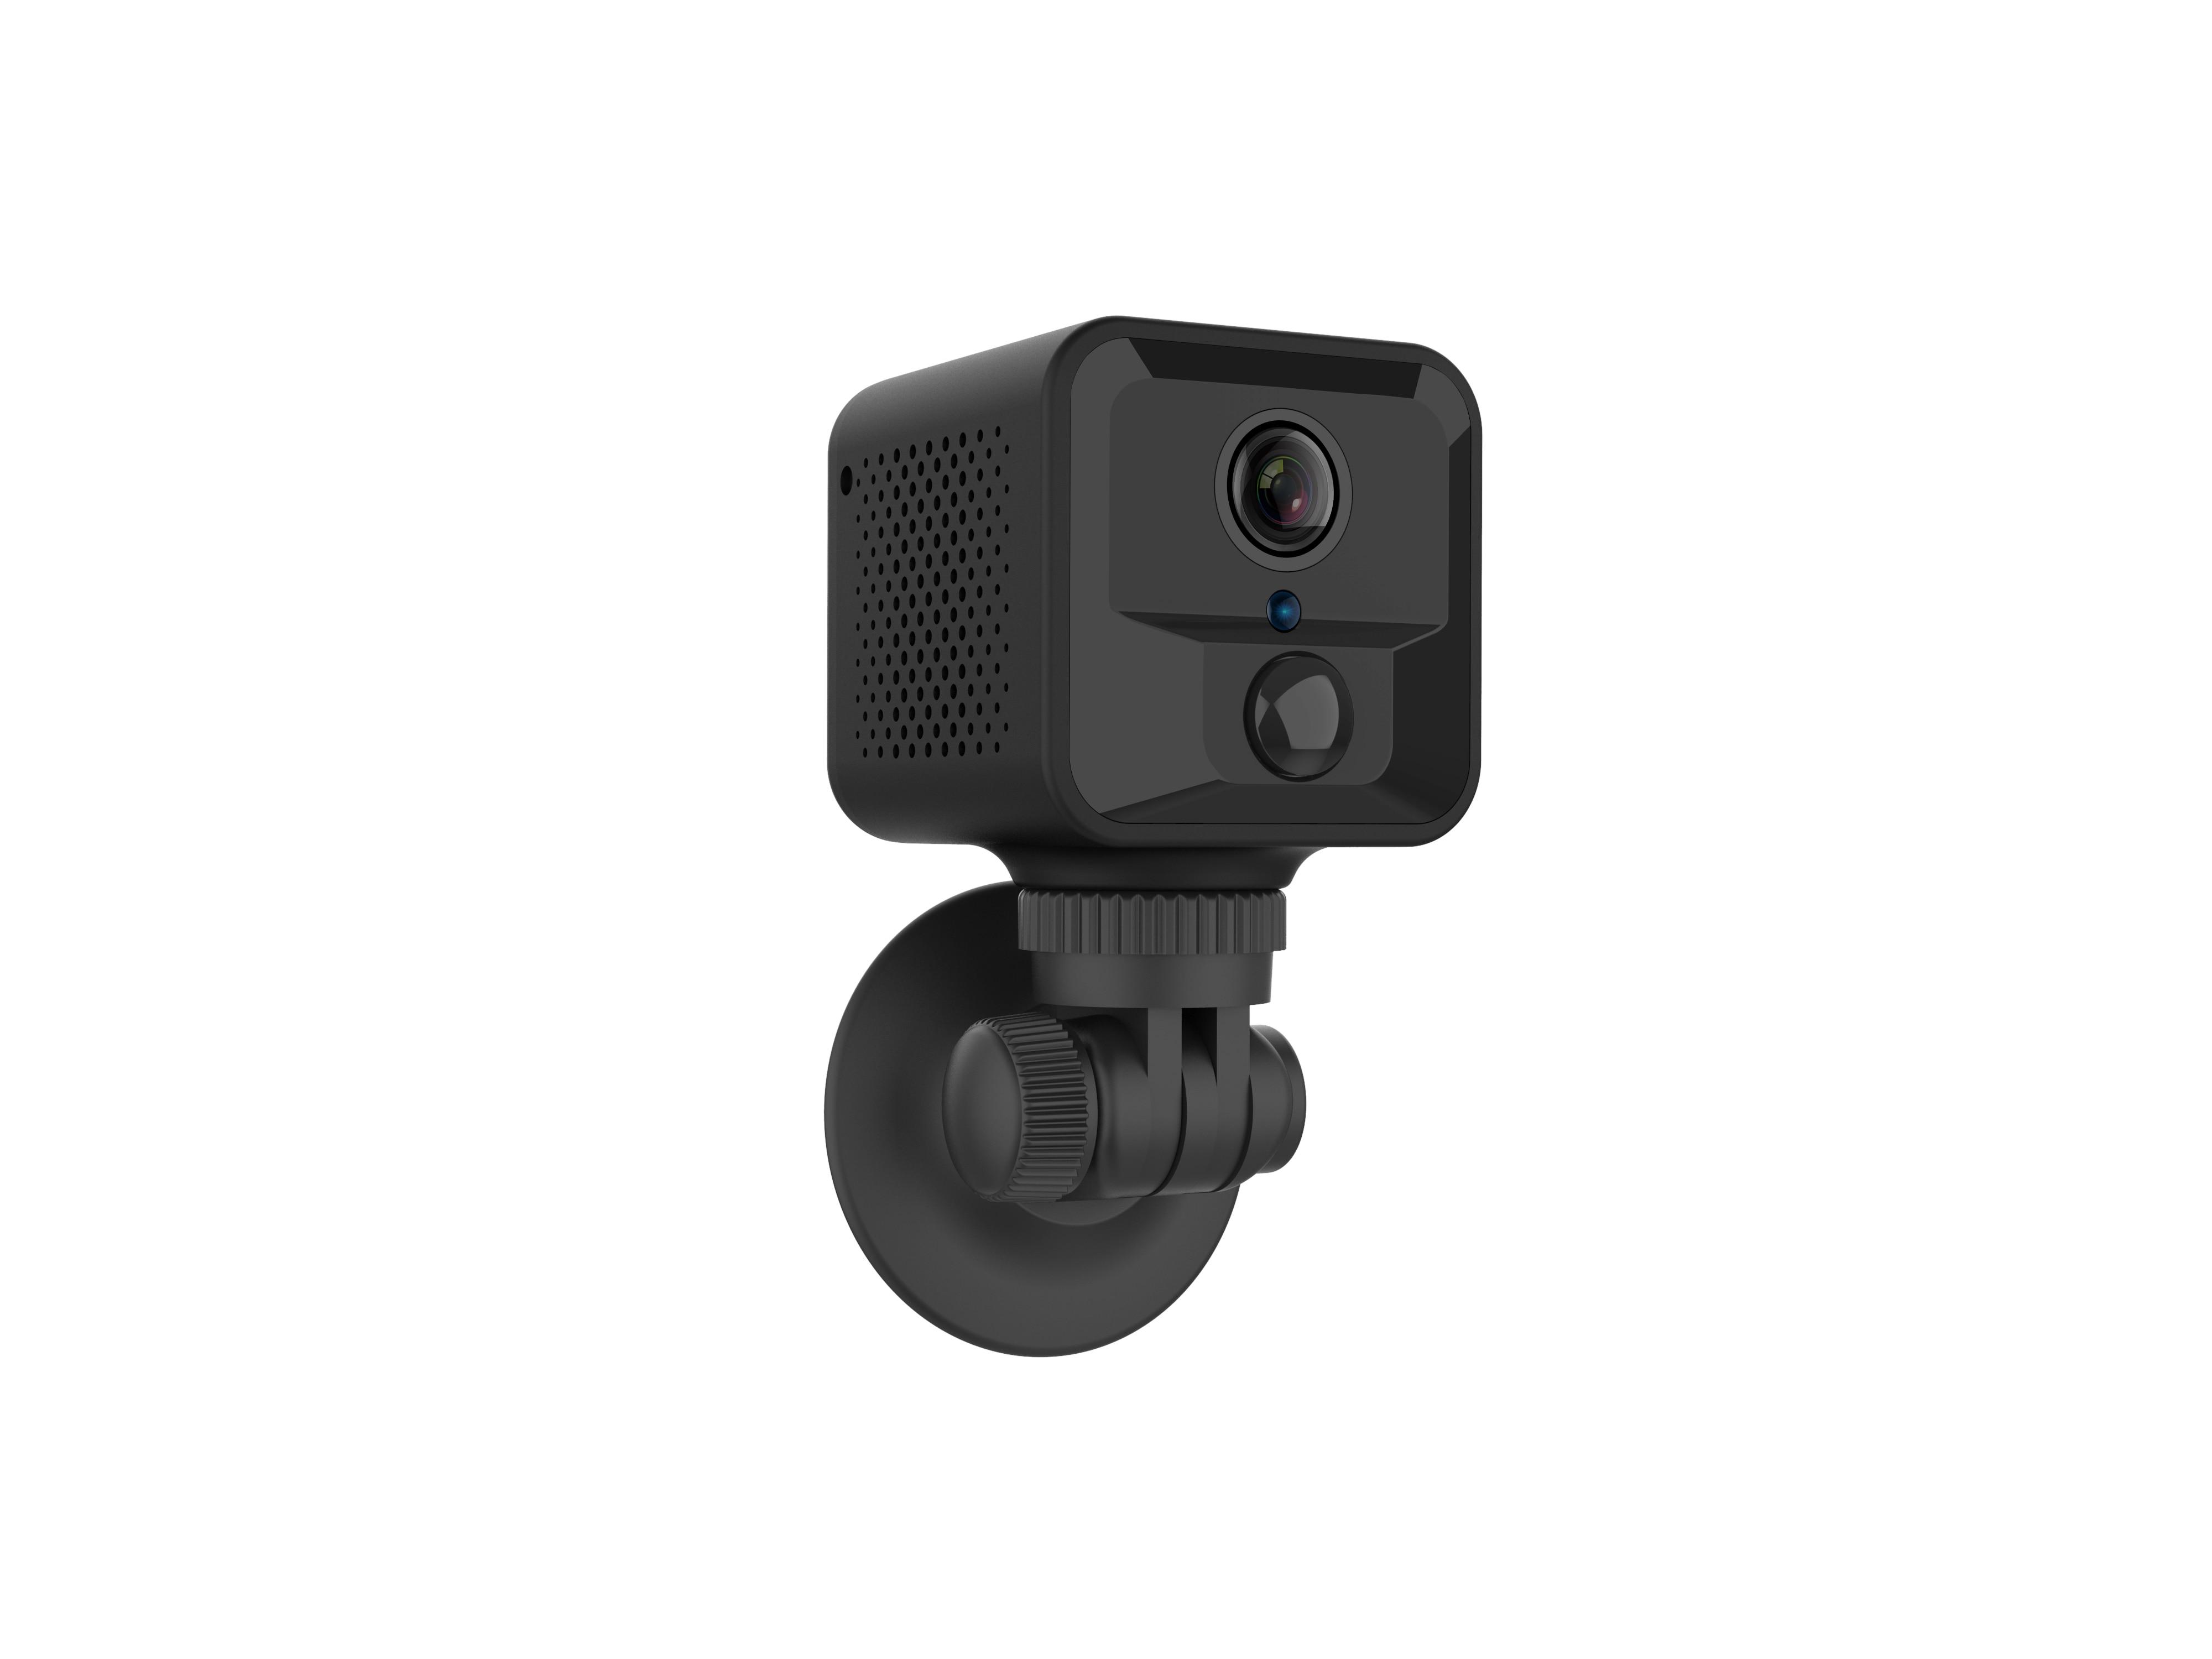 Мини камера S9 + 1080 P, wi fi, с дистанционным управлением, микро камера, wi fi, маленькая мини камера s, мини камера, ip камера, Wifi, поддержка 128G, TF карта